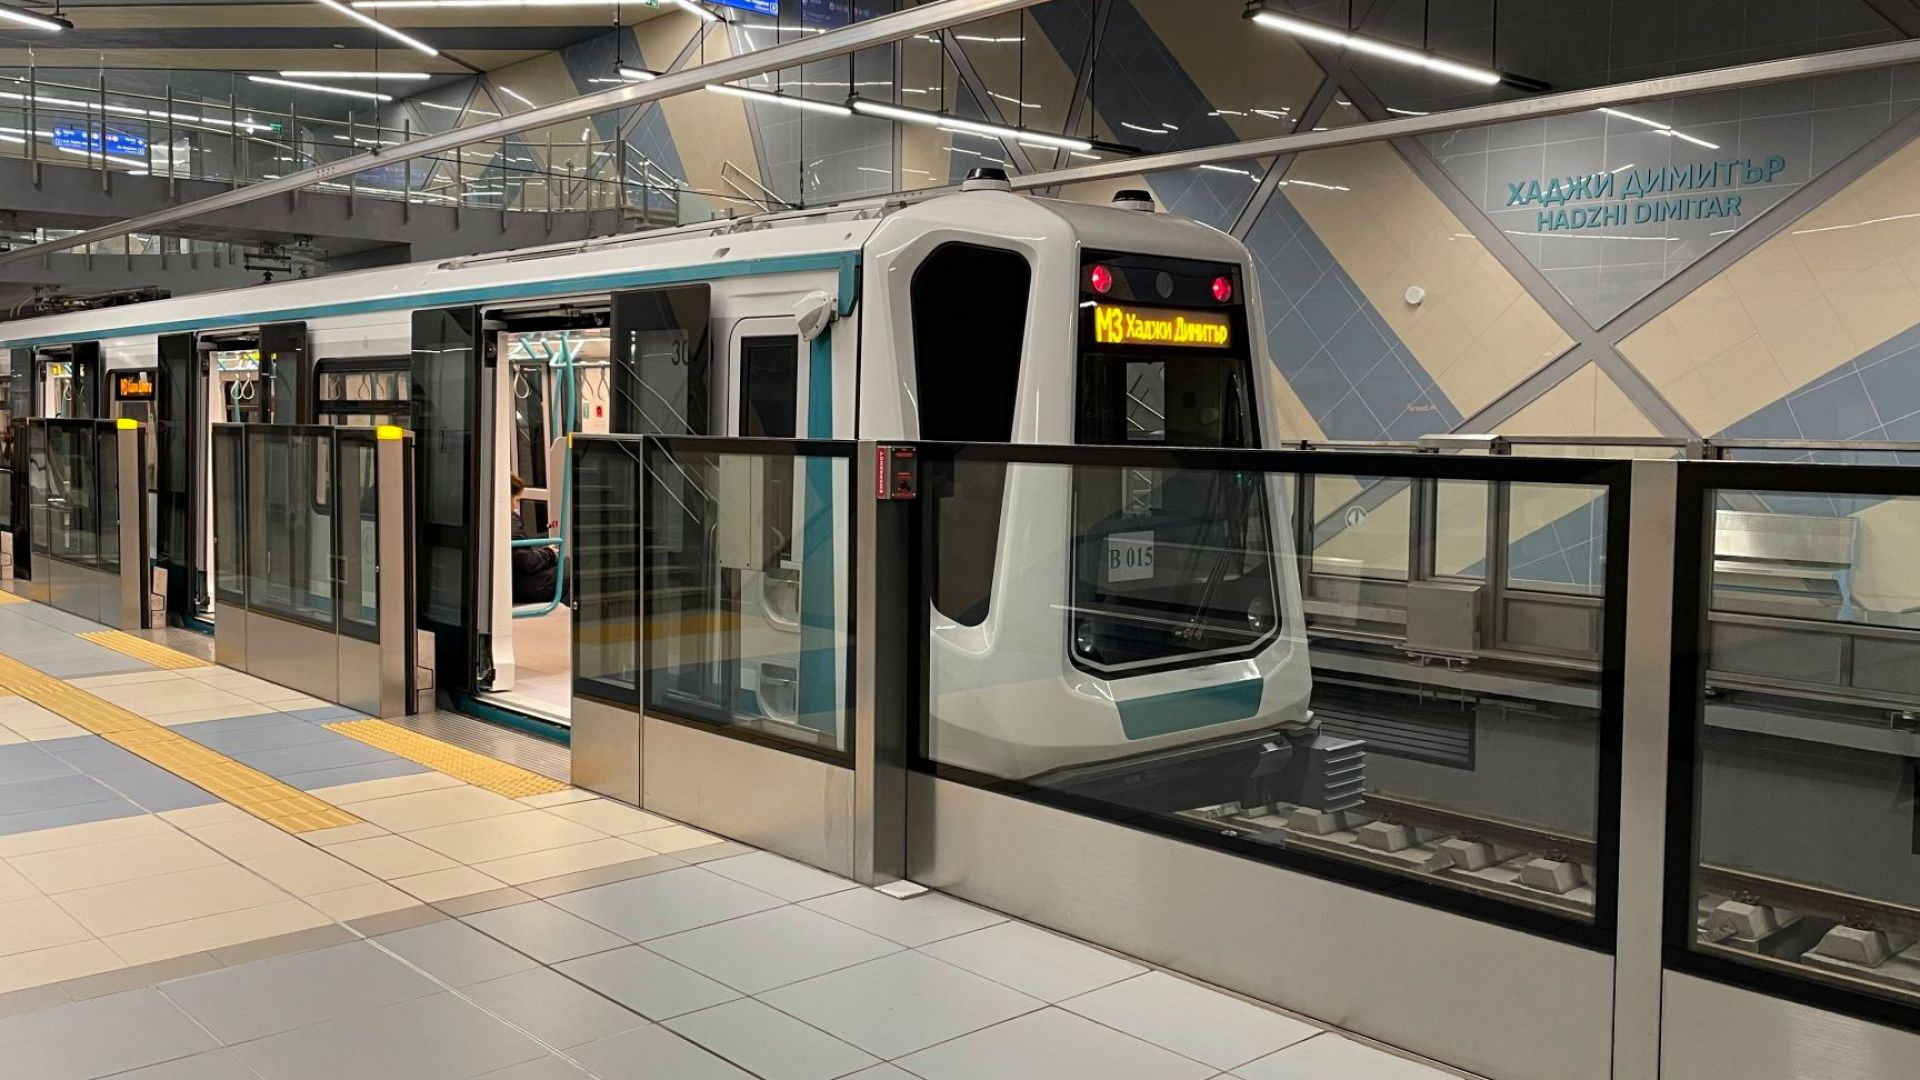 4 нови метростанции влизат в експлоатация до края на април